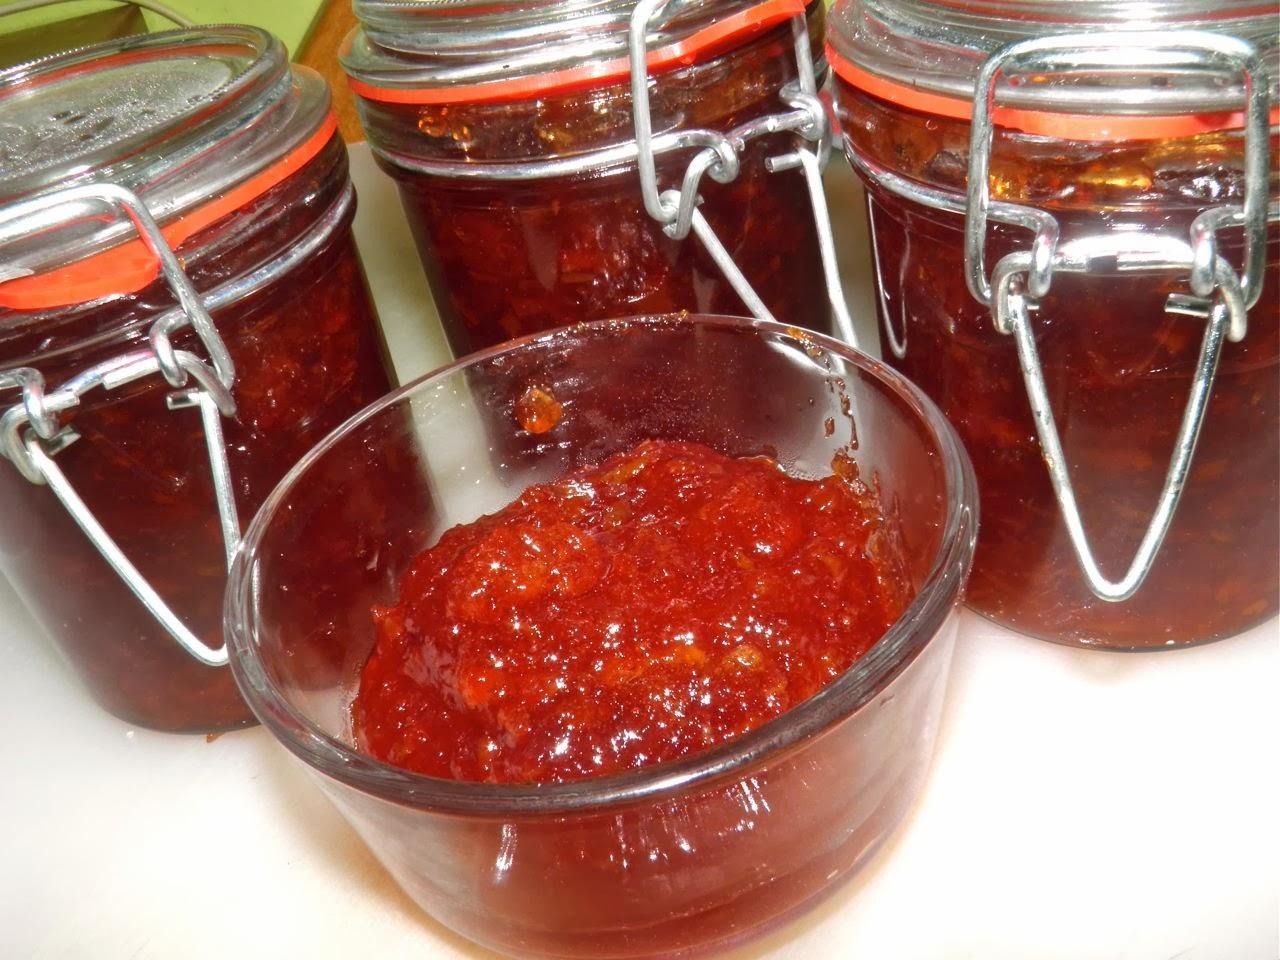 Яблочно-сливовое повидло: топ 7 пошаговых рецептов приготовления на зиму